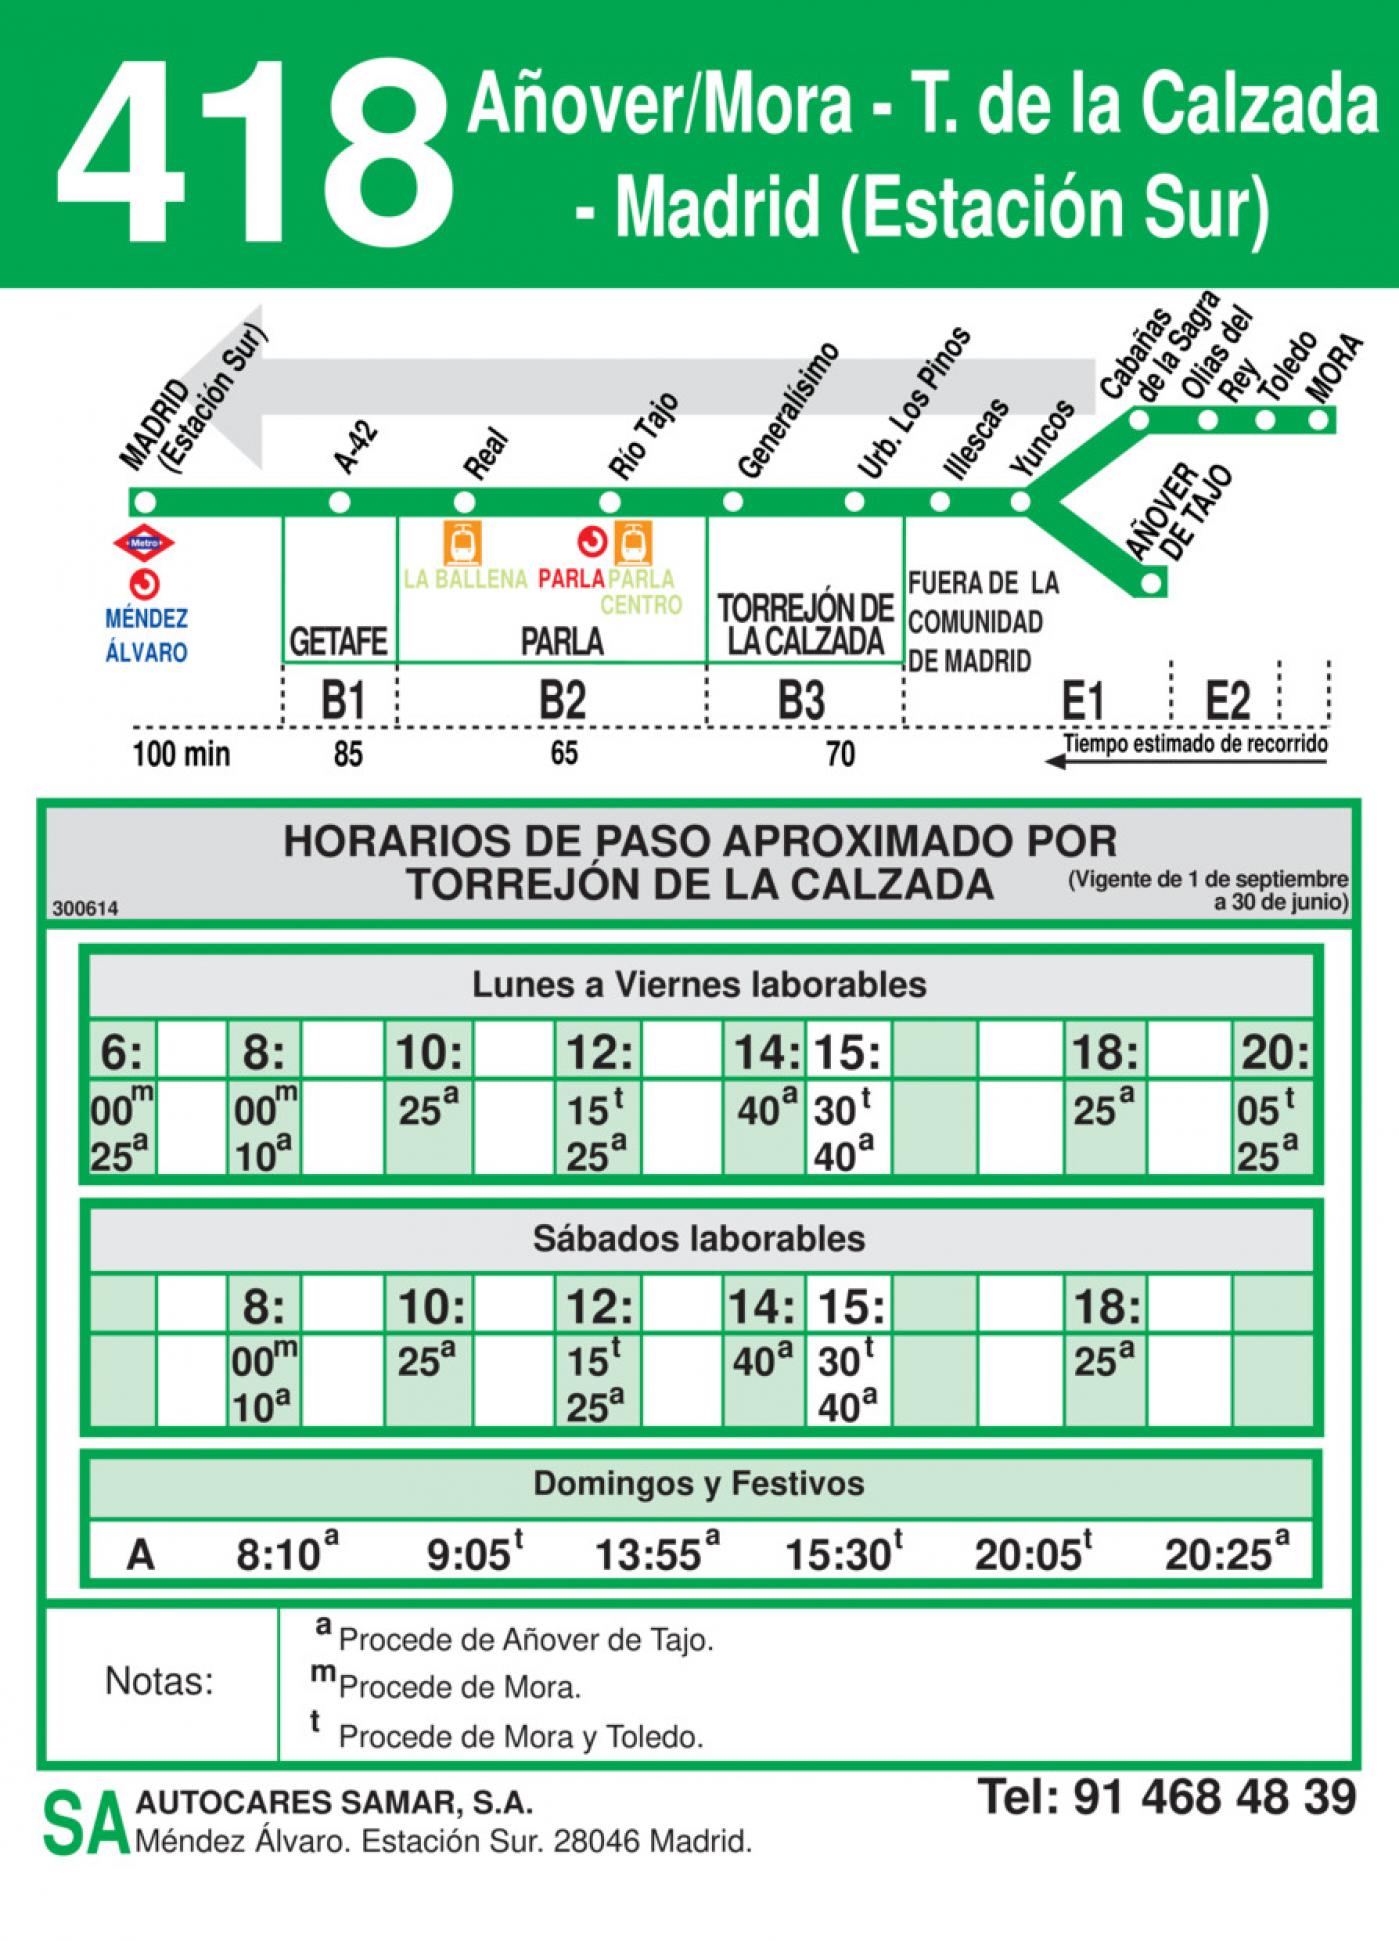 Tabla de horarios y frecuencias de paso en sentido vuelta Línea 418: Madrid (Estación Sur) - Torrejón de la Calzada - Añover - Mora